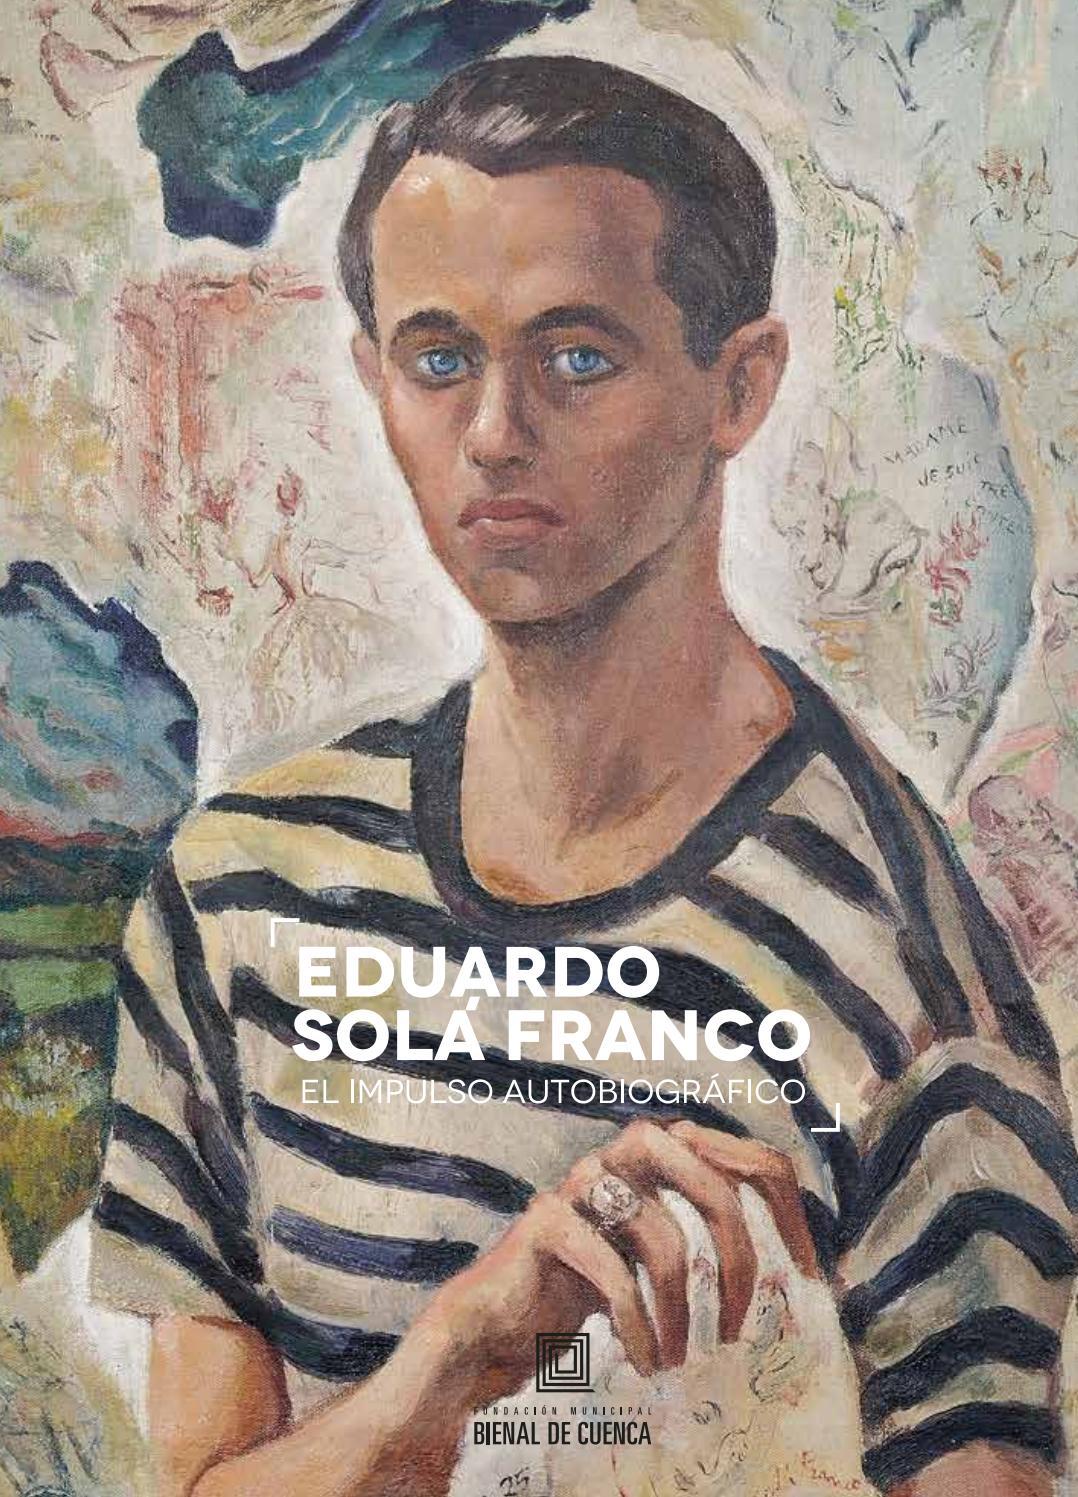 Eduardo Solá Franco. El impulso autobiográfico by Bienal de Cuenca ...